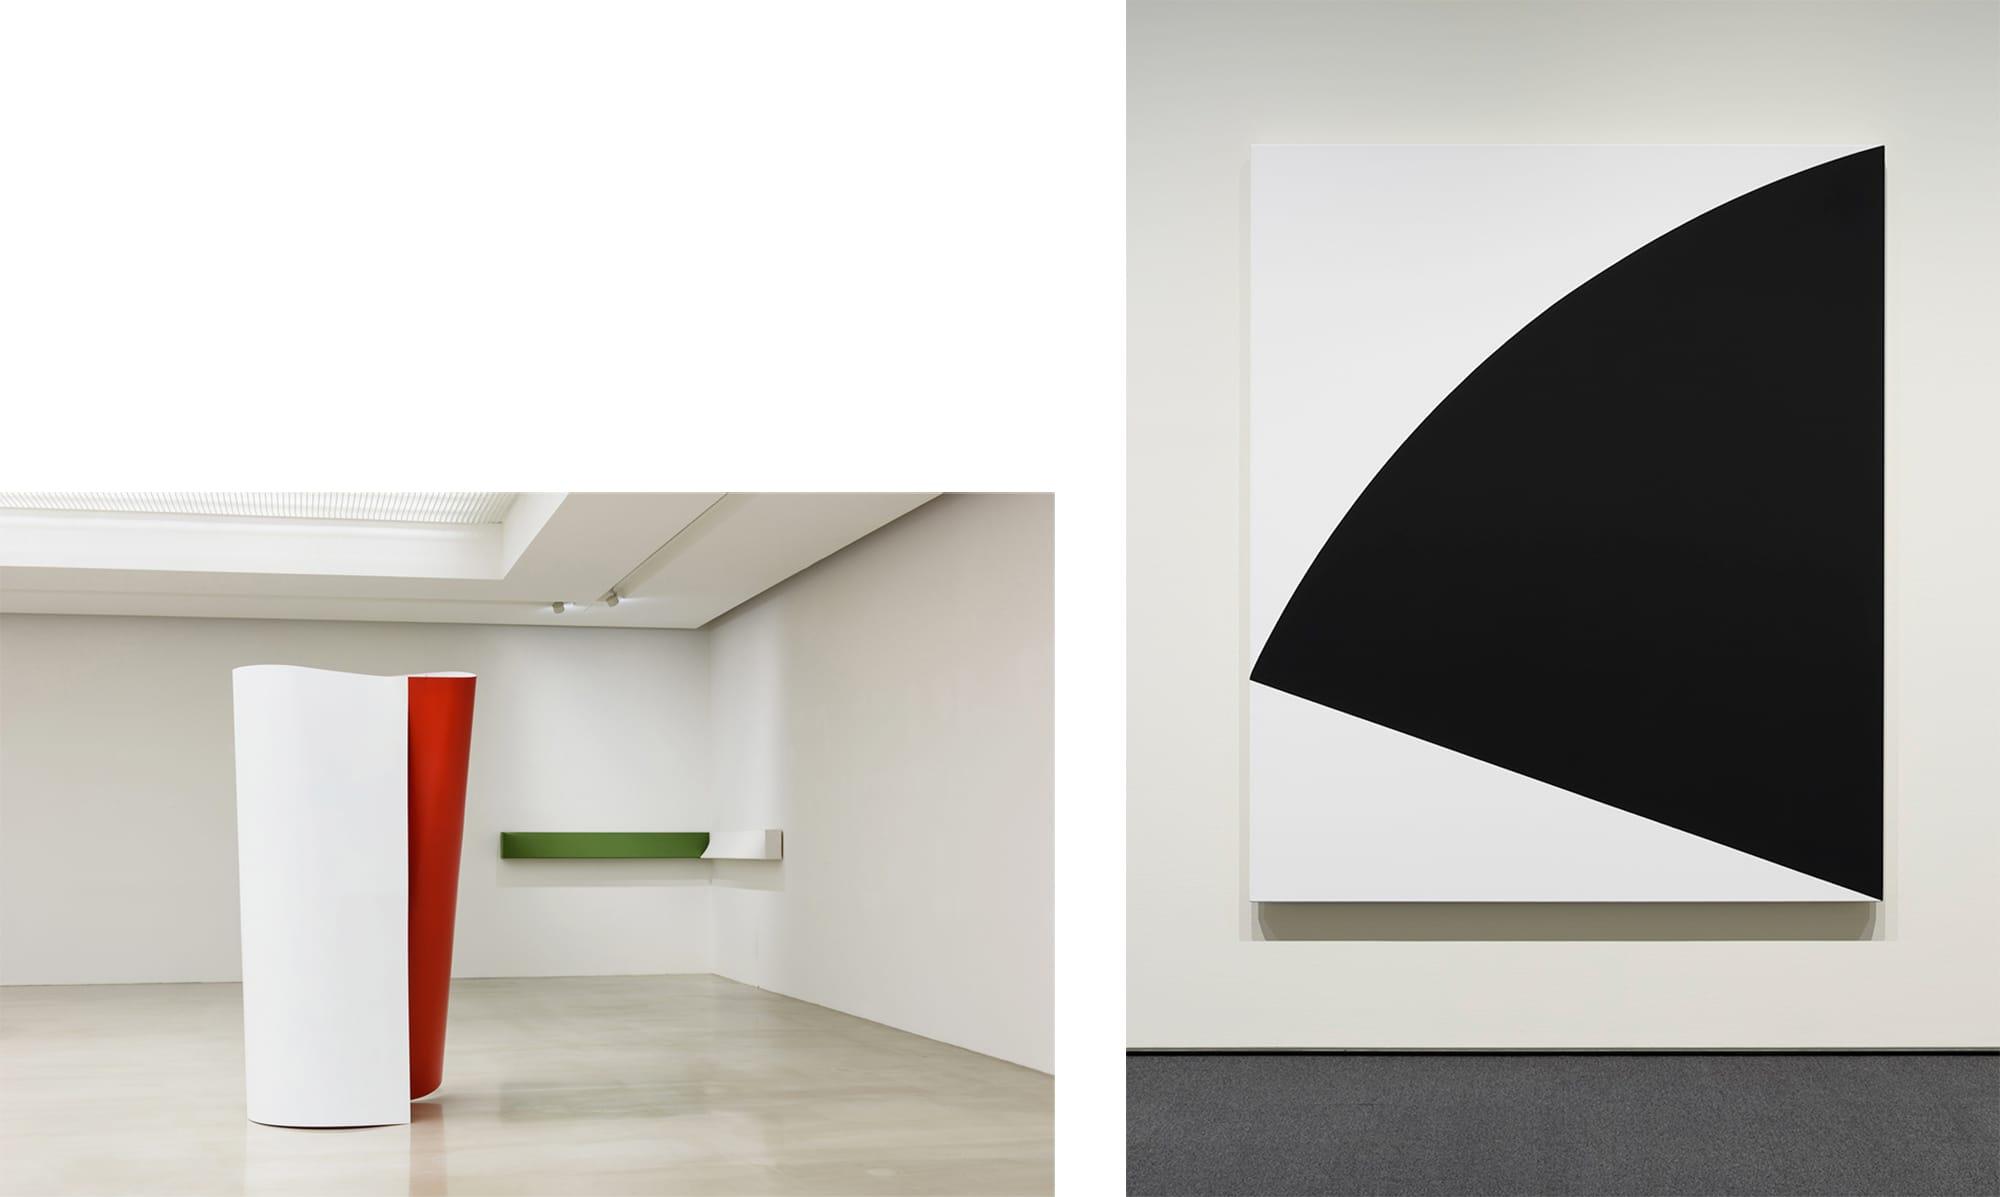 渡辺信子(1948- ) × エルズワース・ケリー(1923-2015)の出会い 左:渡辺信子《White and Red》2017年 Arario Gallery 《Dark olive green and White -Corner piece》2017年 作家蔵photo credit: Arario Gallery, Courtesy of Arario Gallery, Seoul 右:エルズワース・ケリー《ブラック・カーヴ》1994年 DIC川村記念美術館 © Ellsworth Kelly Foundation